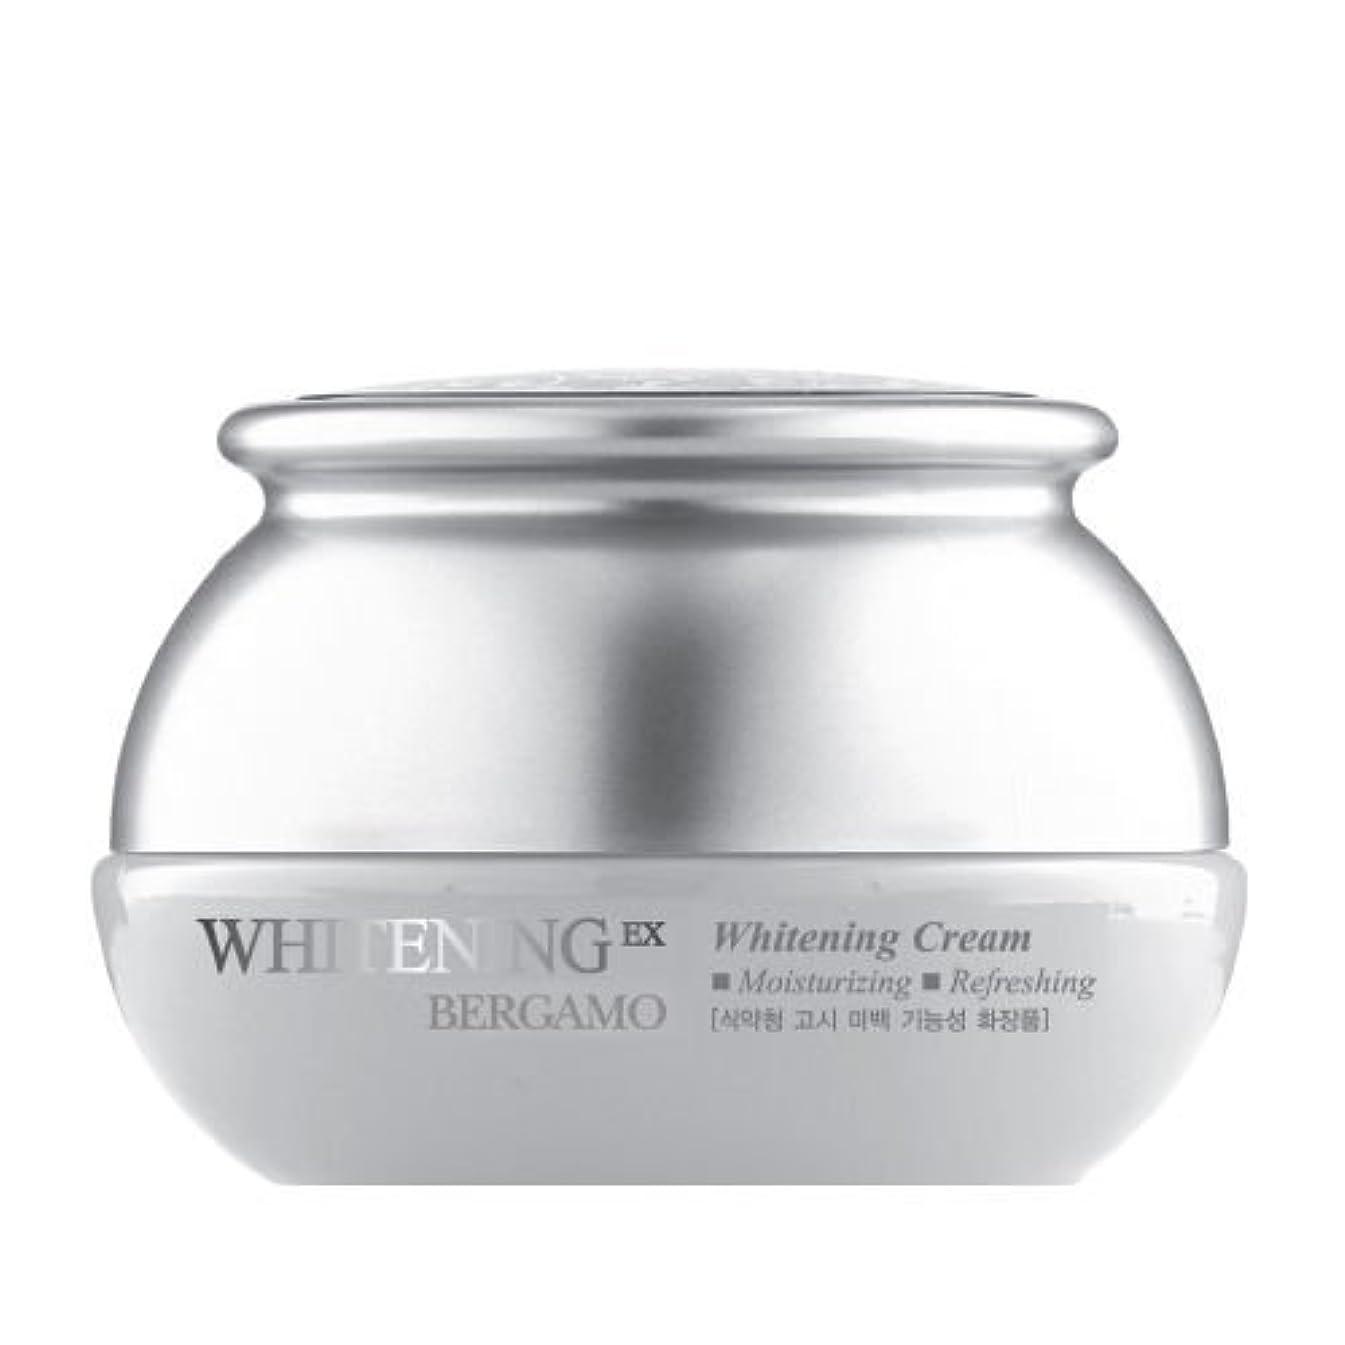 生産的公平な引用ベルガモ[韓国コスメBergamo]Whitening EX Wrinkle Care Cream ホワイトニングEXリンクルケアクリーム50ml しわ管理 [並行輸入品]